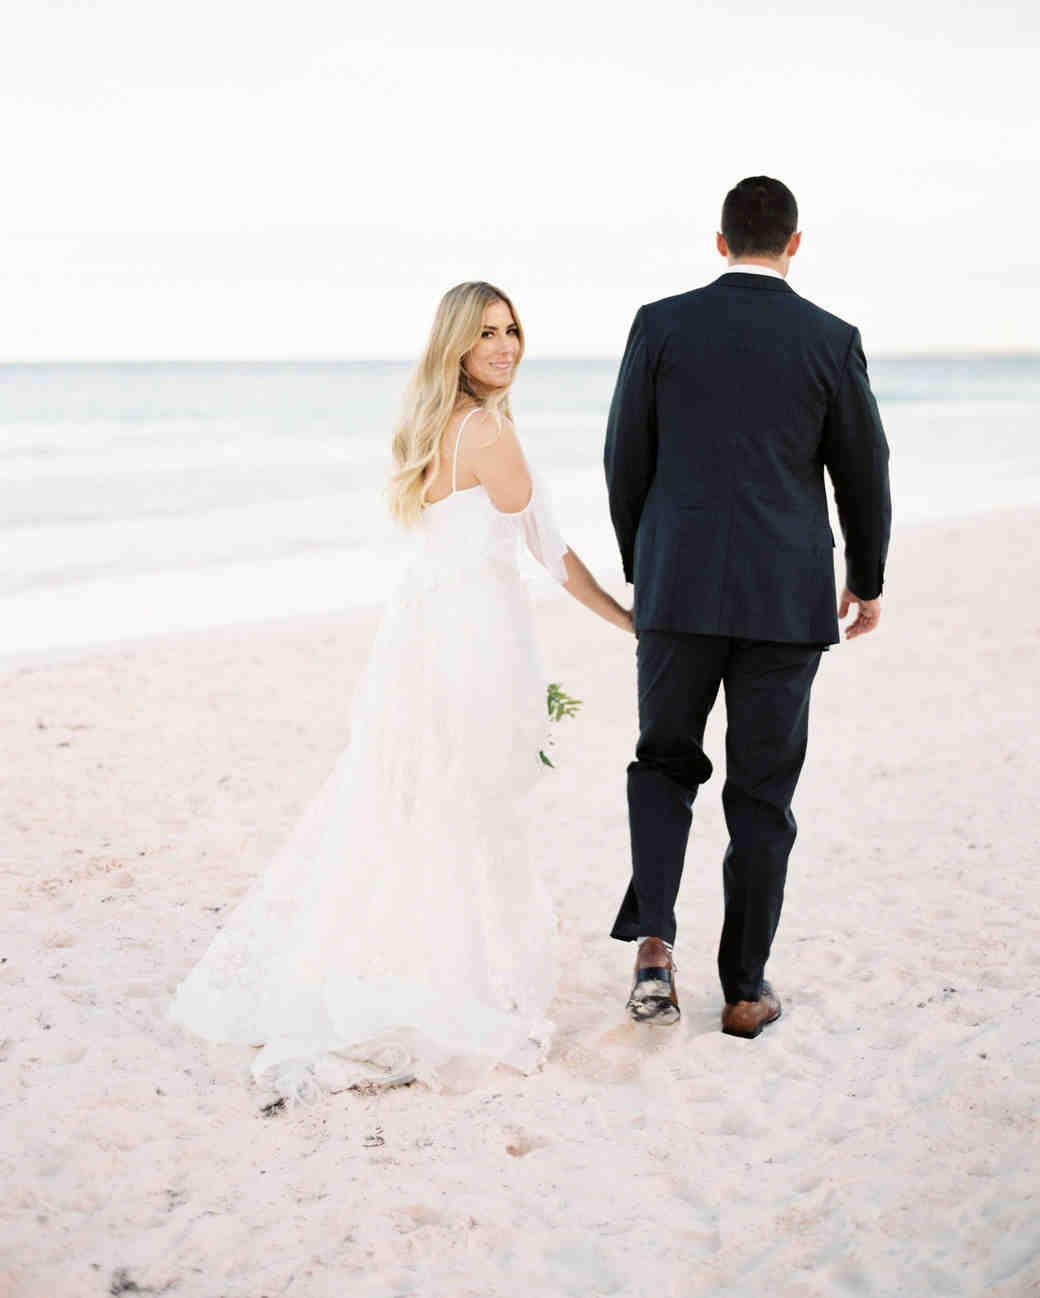 Elizabeth and Chuck walking on beach